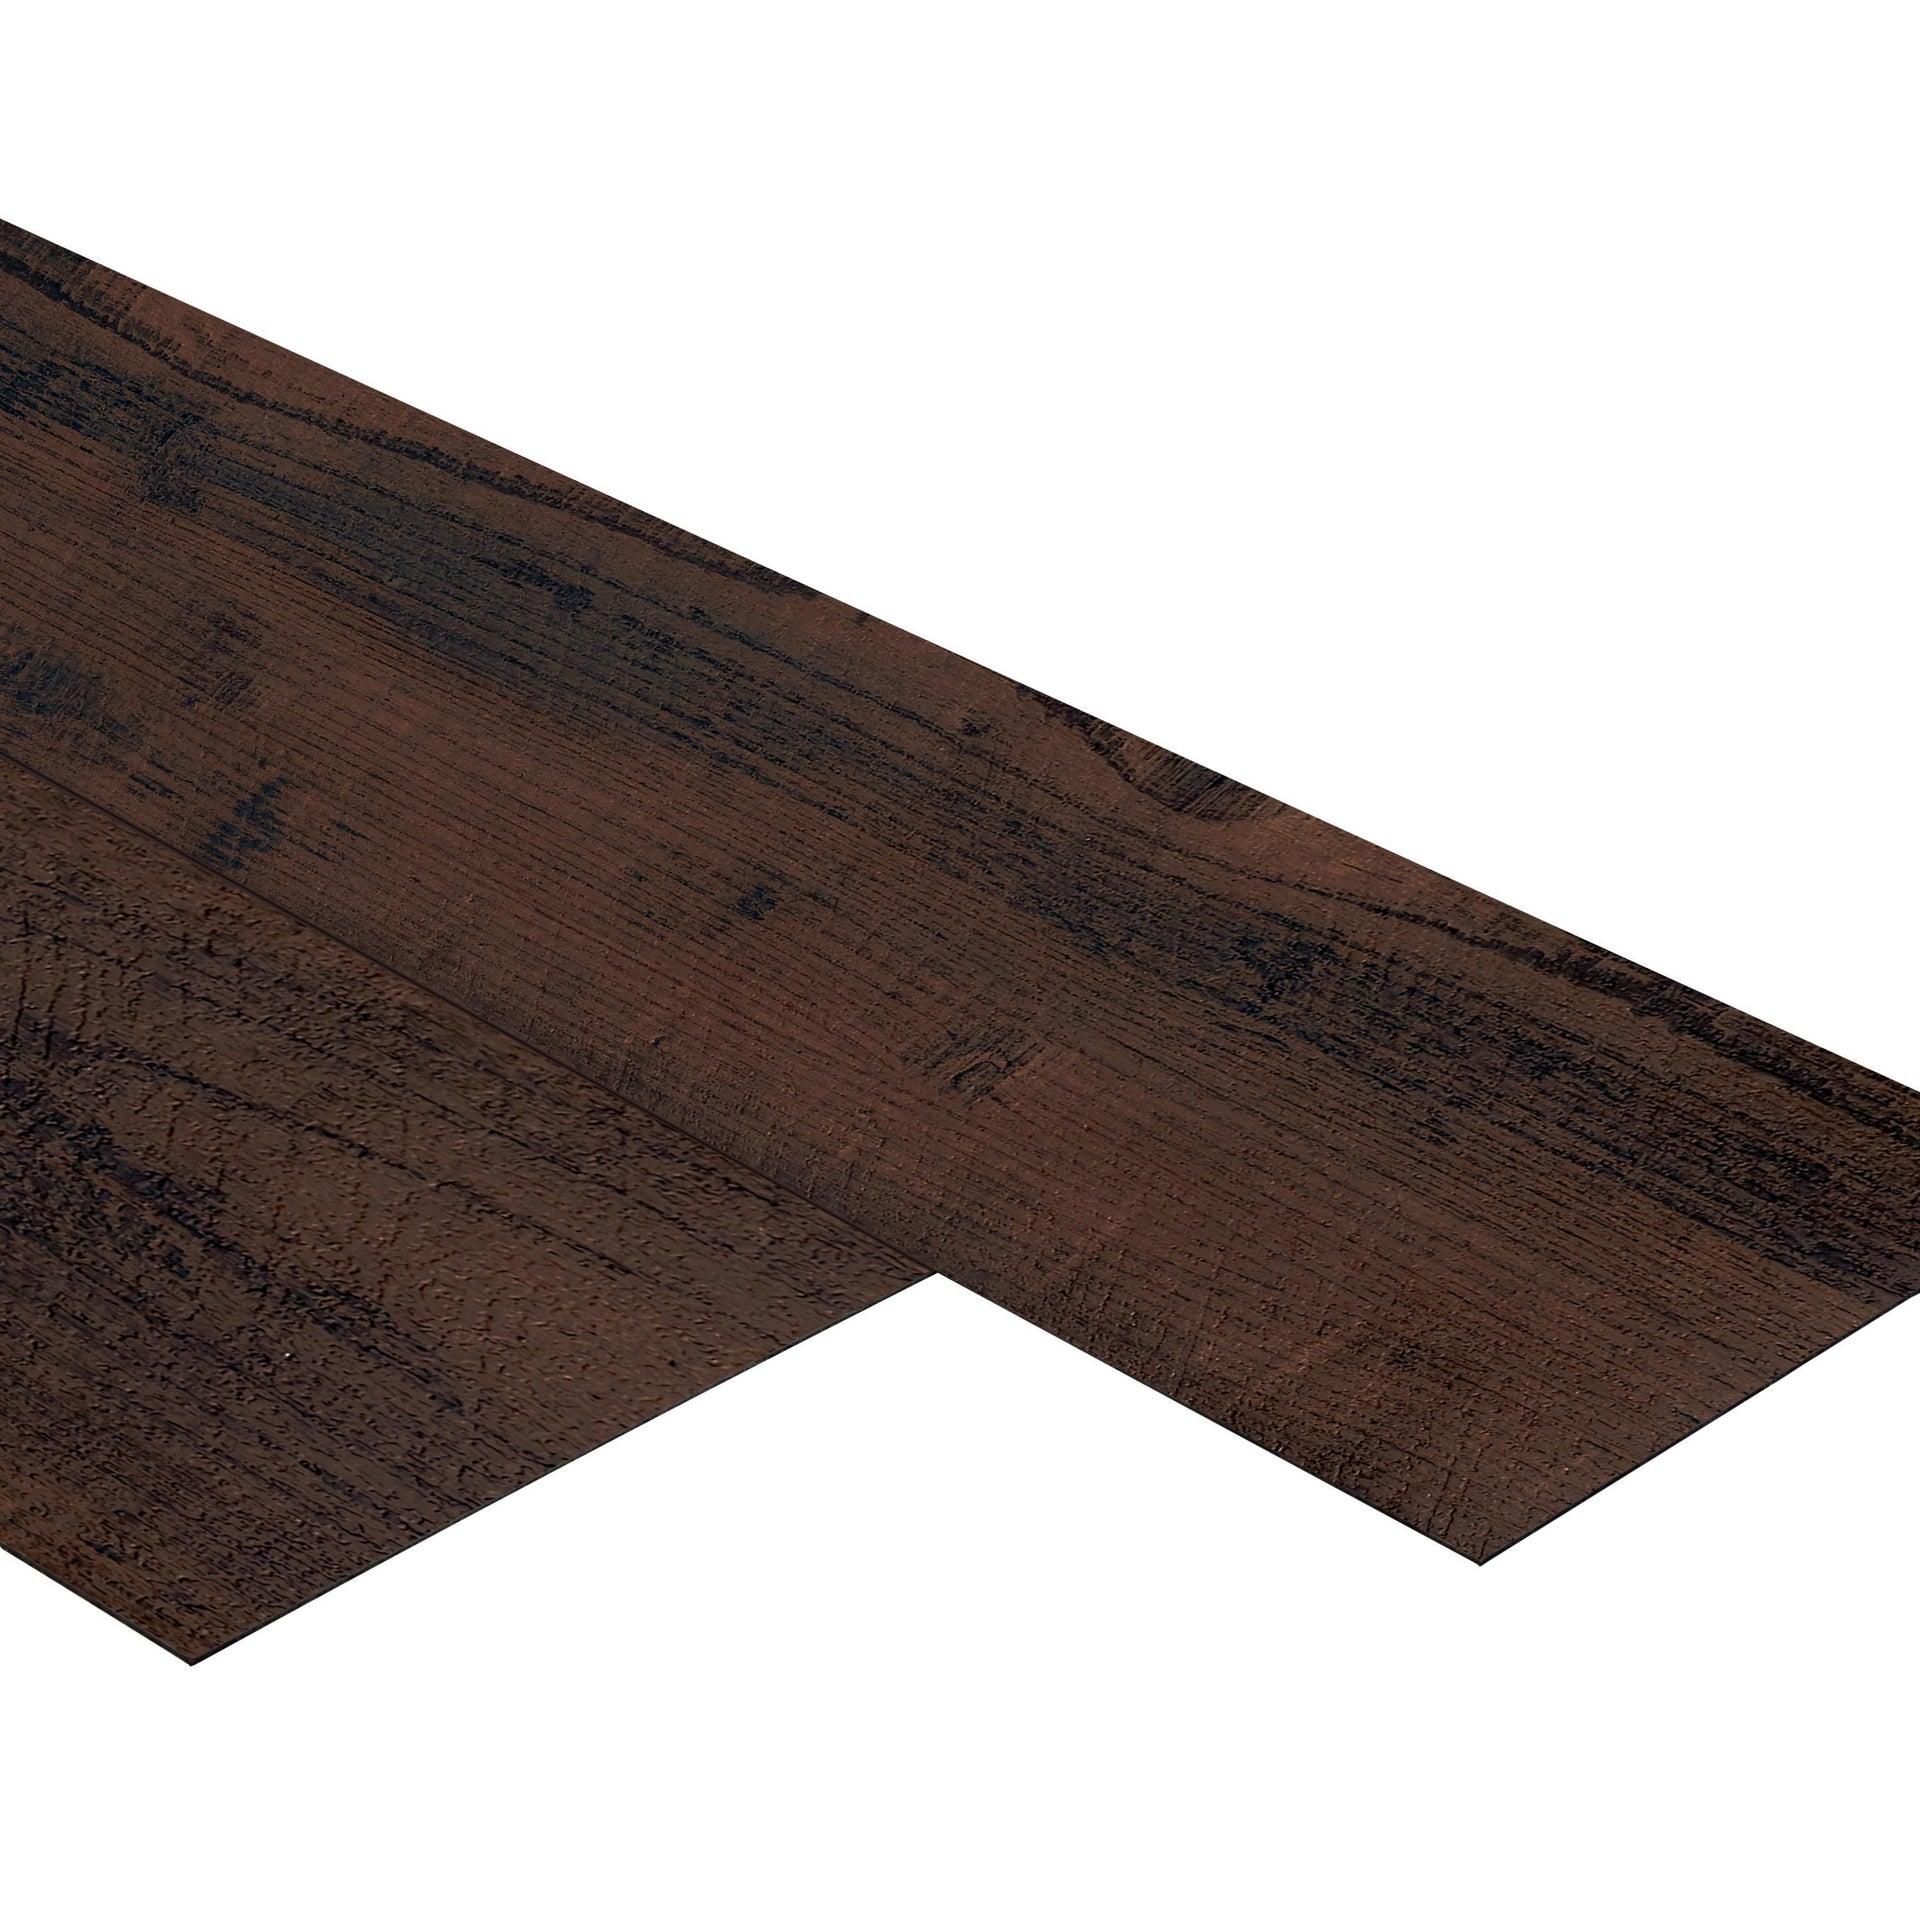 Pavimento PVC adesivo Tobacco Sp 2 mm marrone - 8